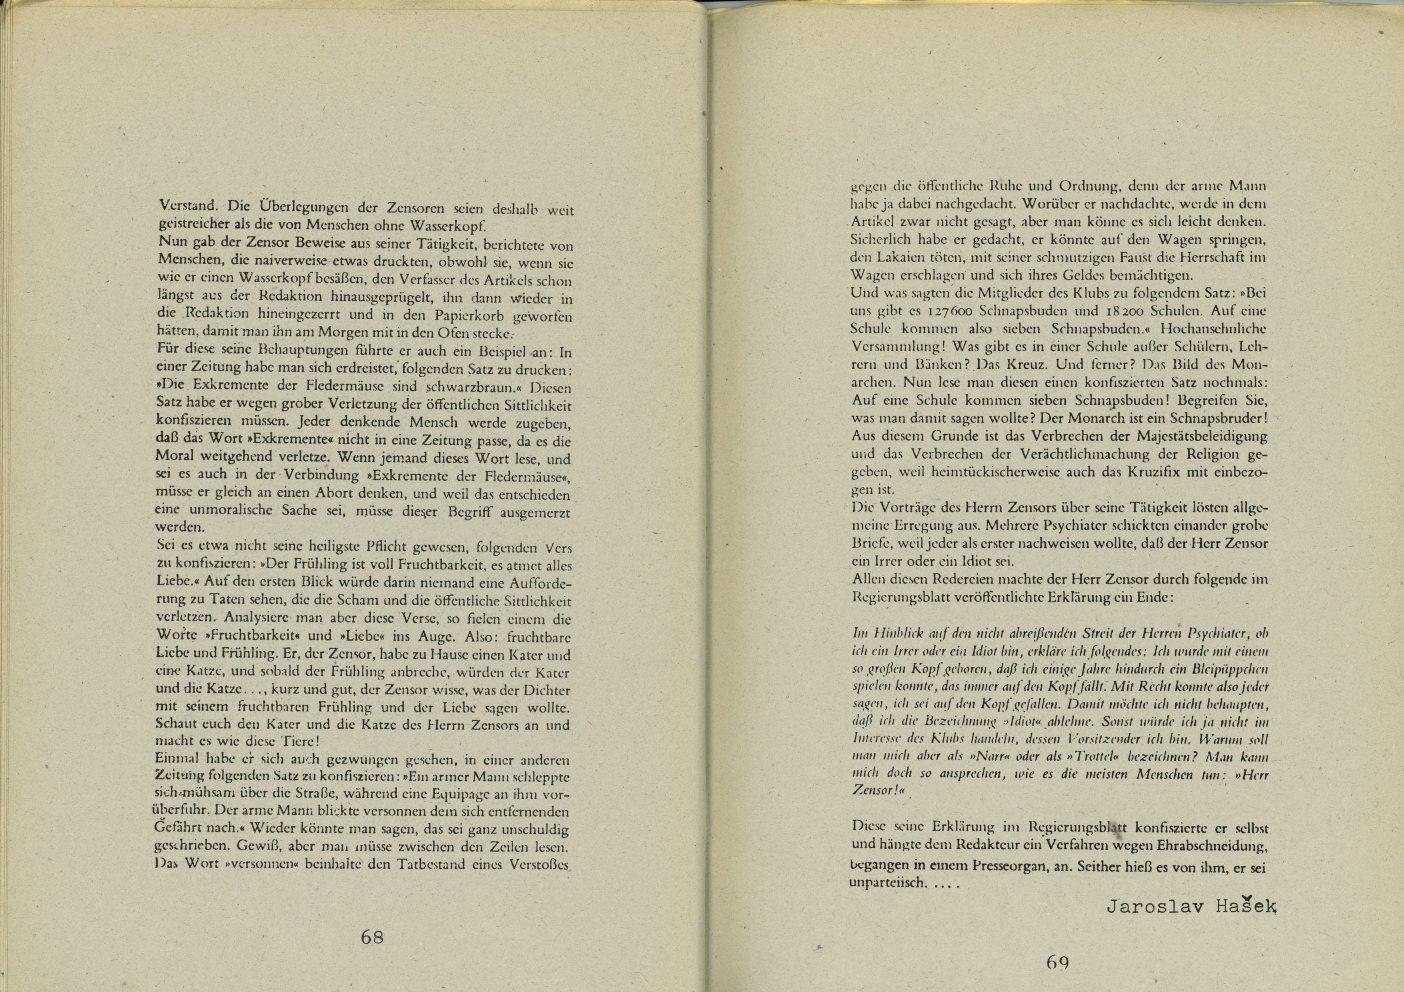 Stuttgart_AGRT_Menschenrechtsverletzungen_Leseheft_1978_36